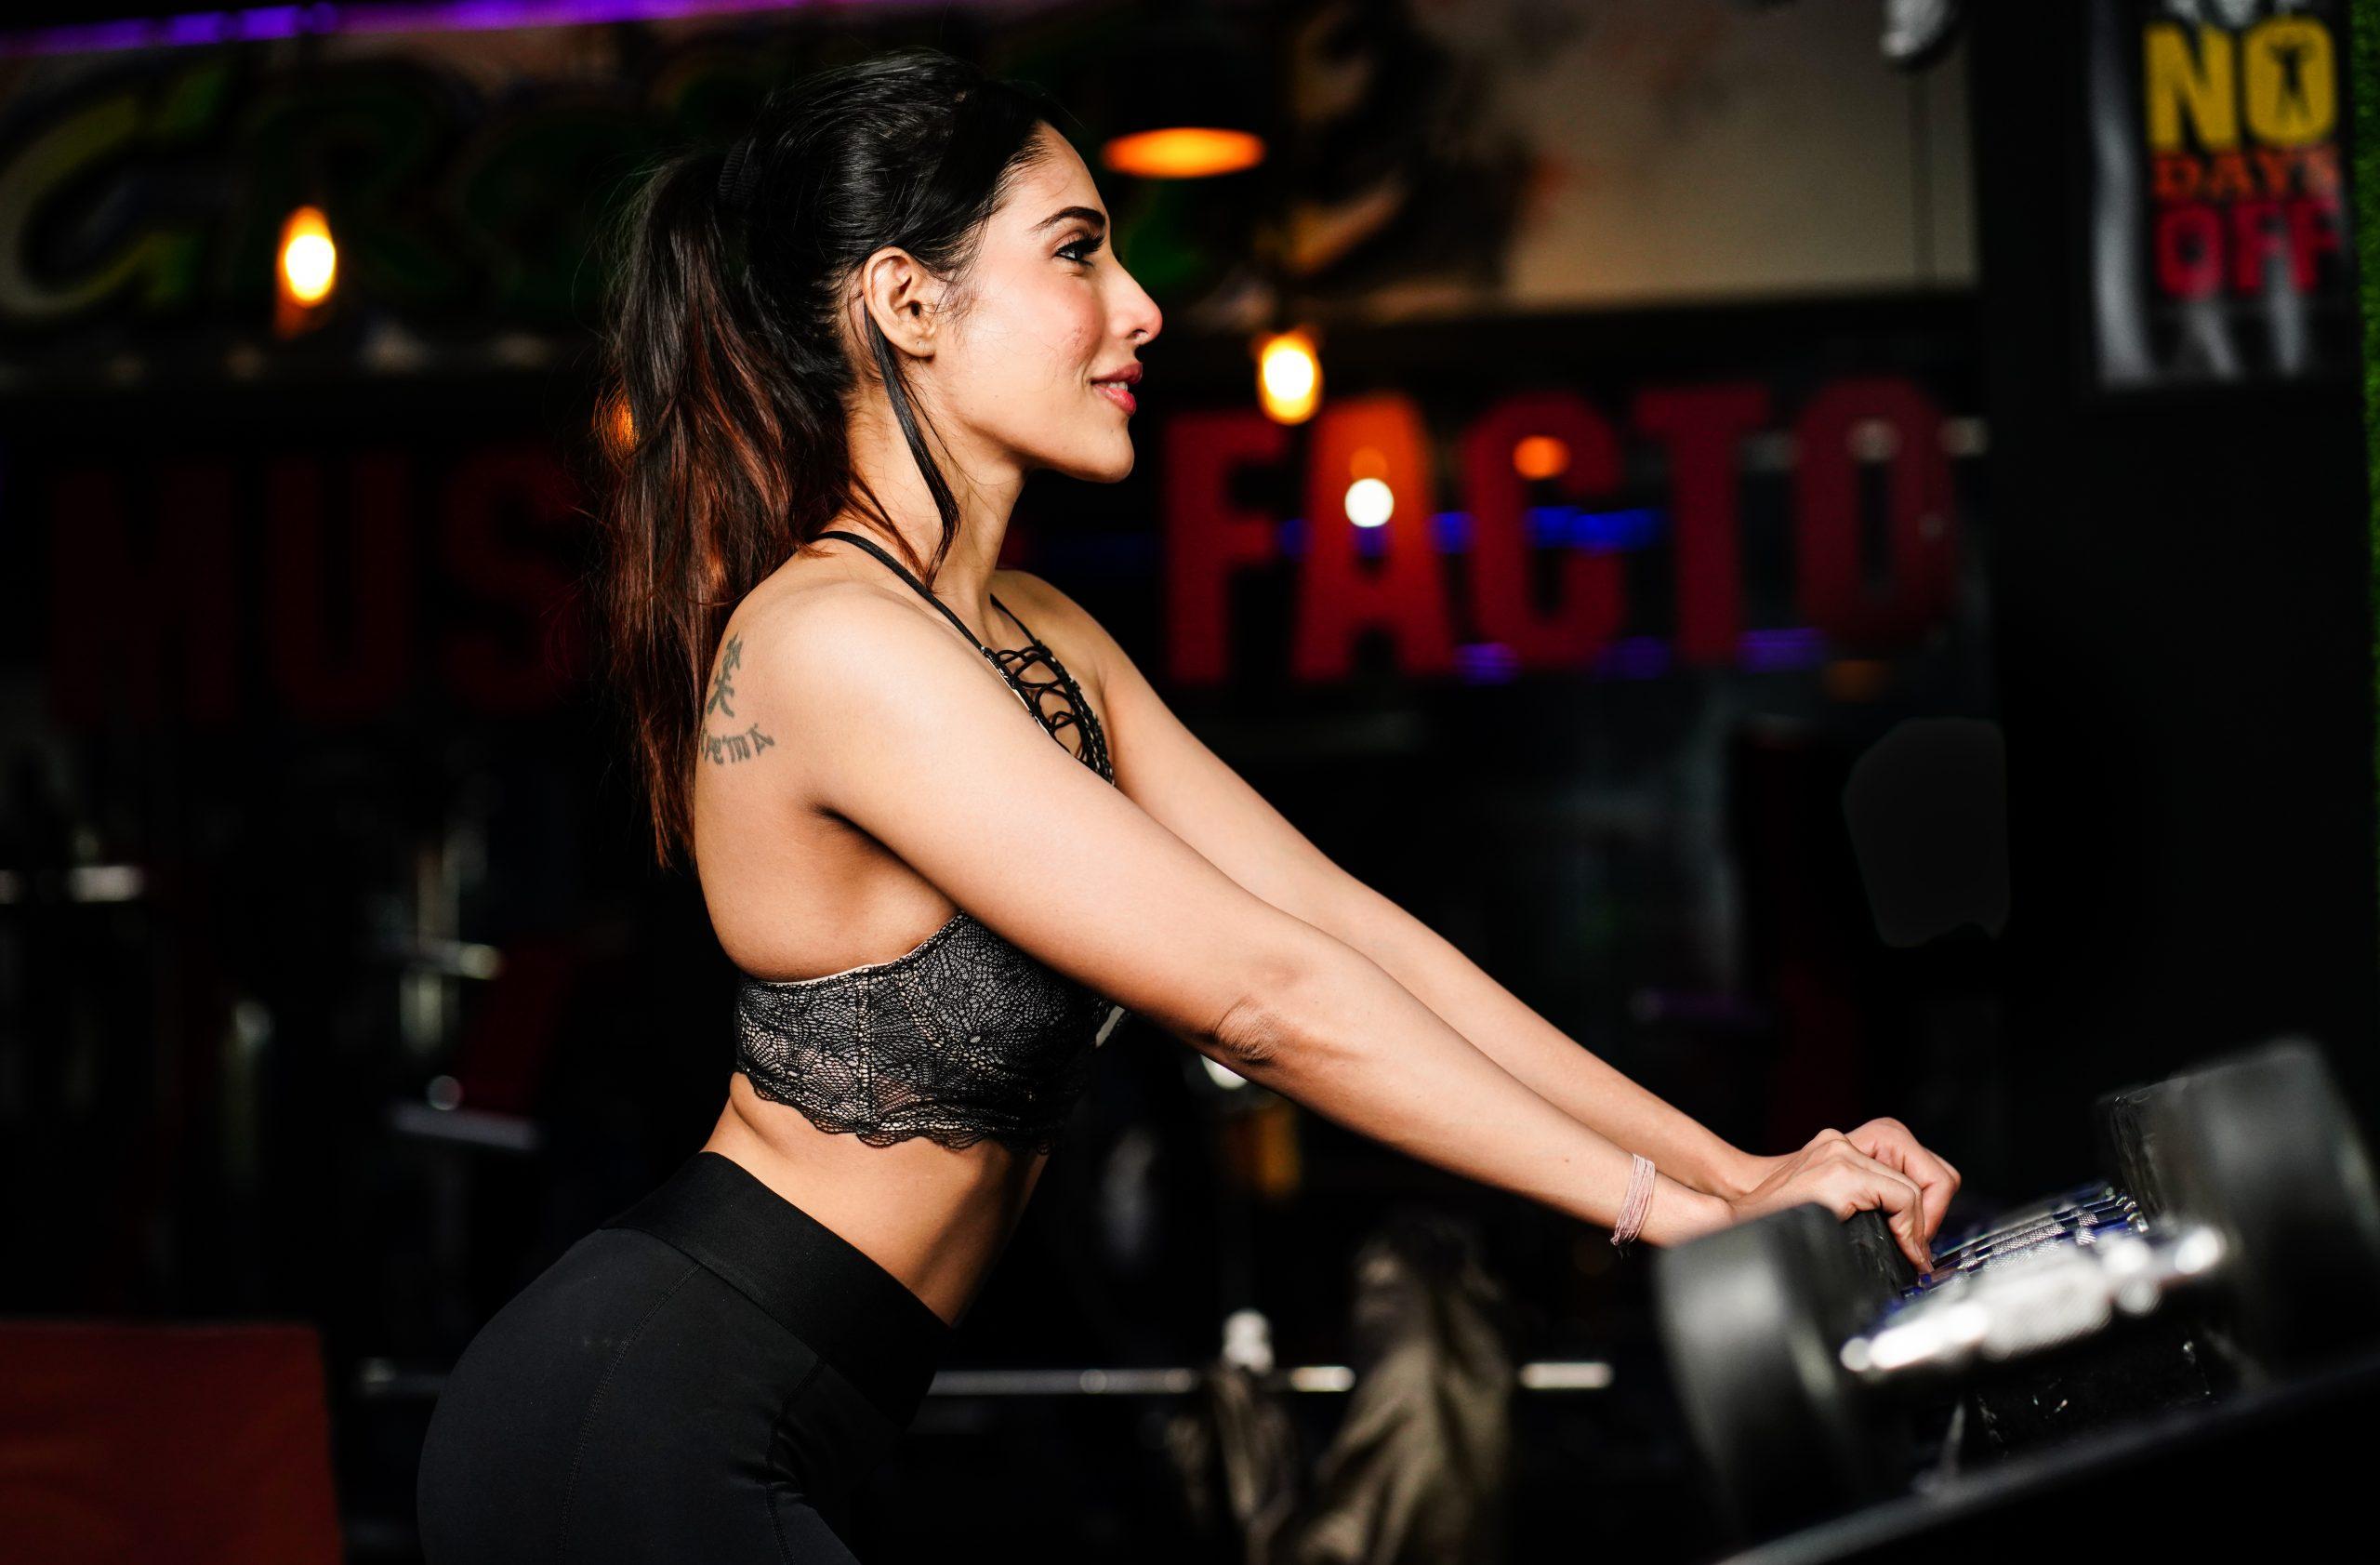 Slim Girl in gym